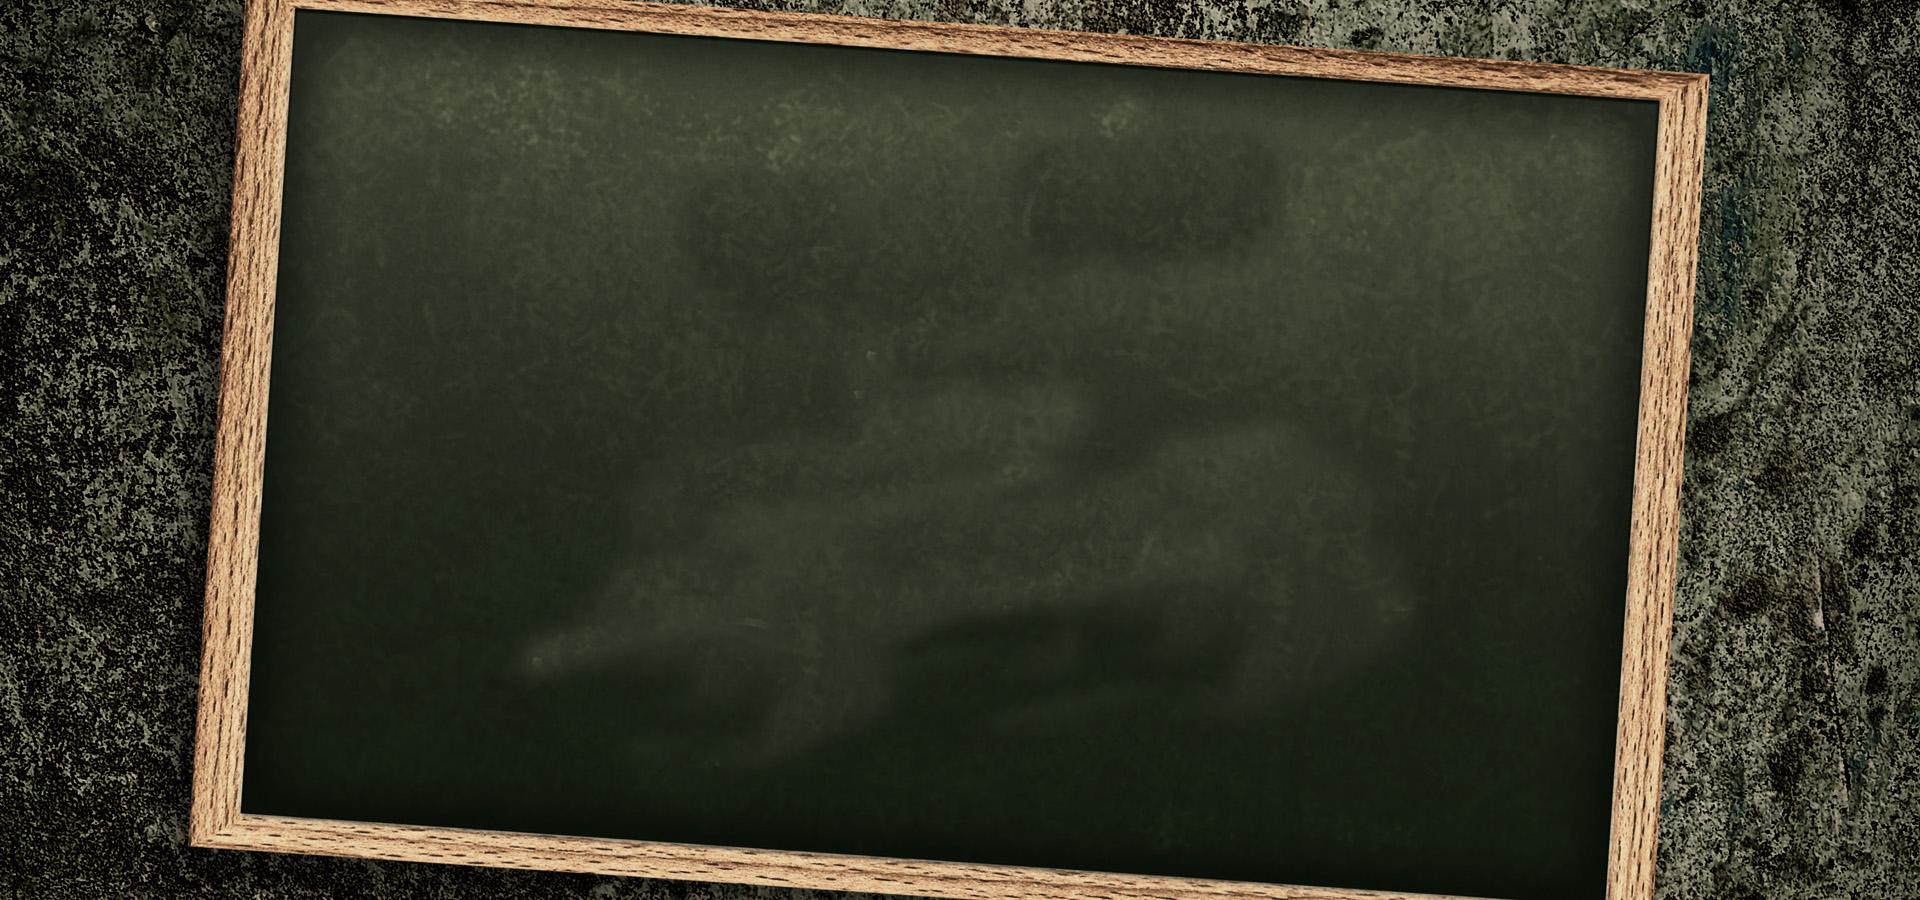 Blank Chalkboard Background Blackboard Black Wood